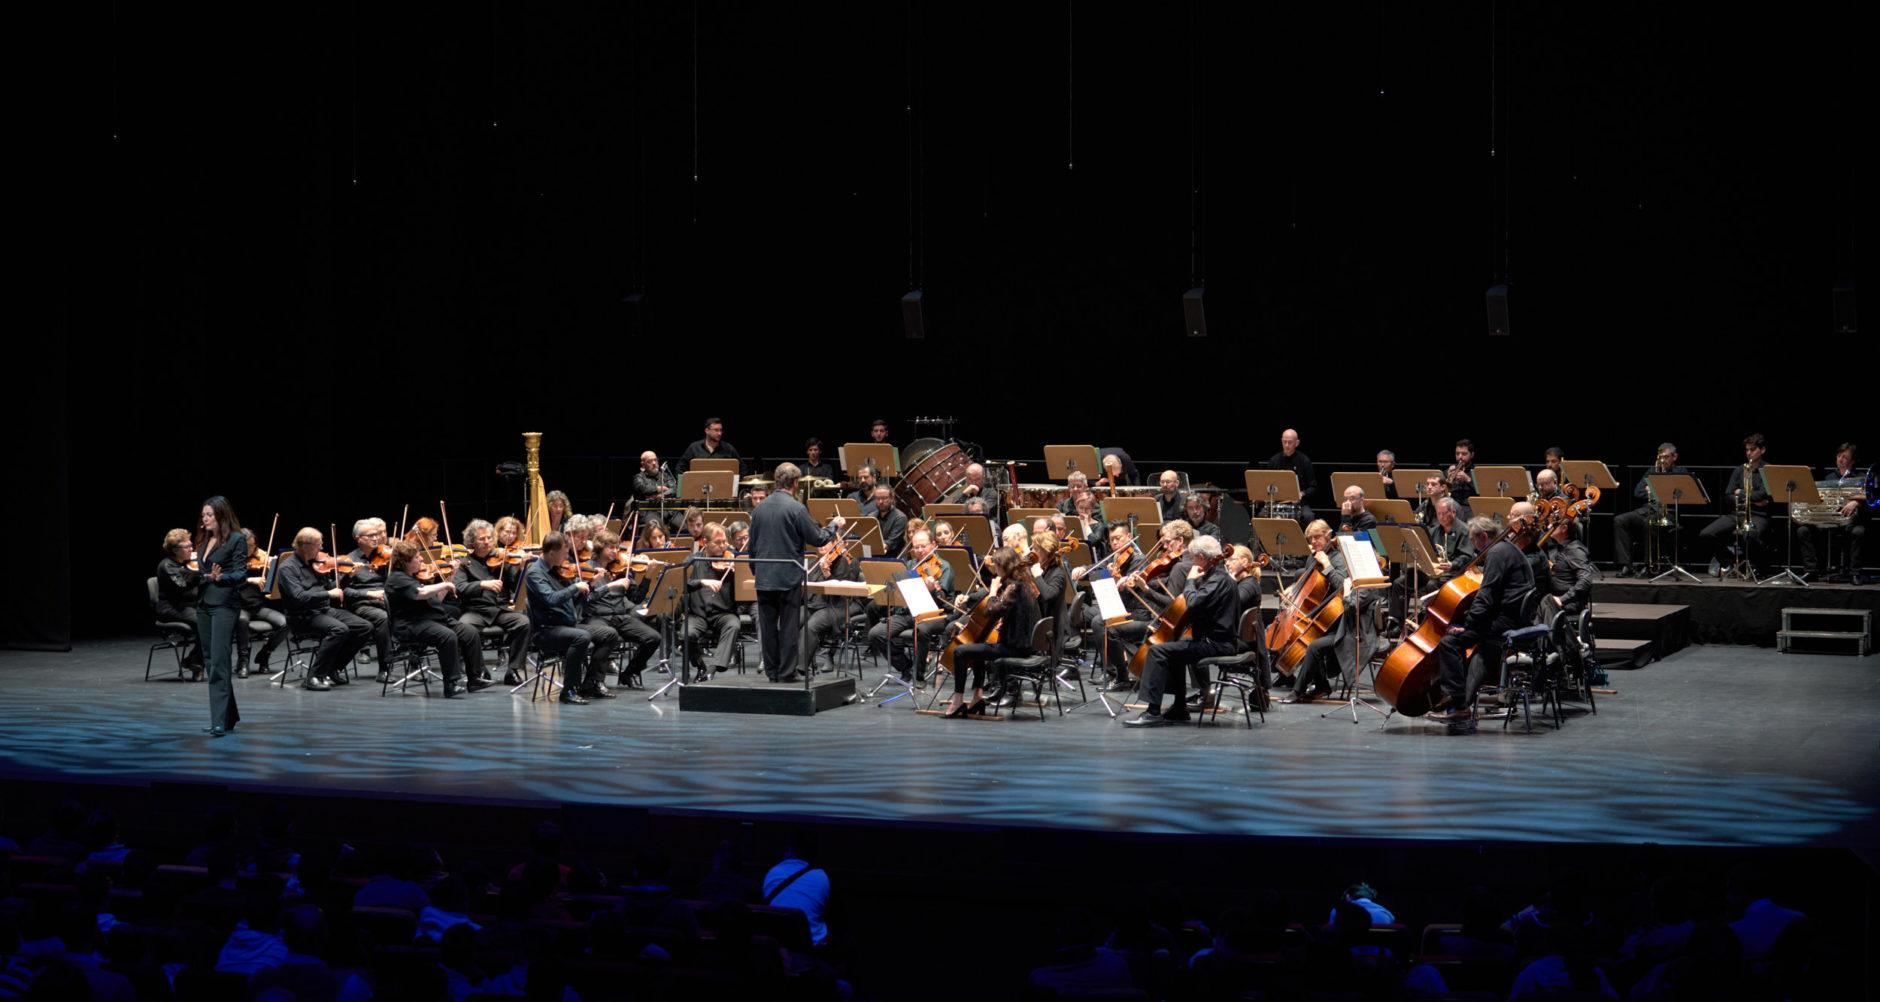 La Real Orquesta Sinfónica de Sevilla ofrece un concierto para escolares 3